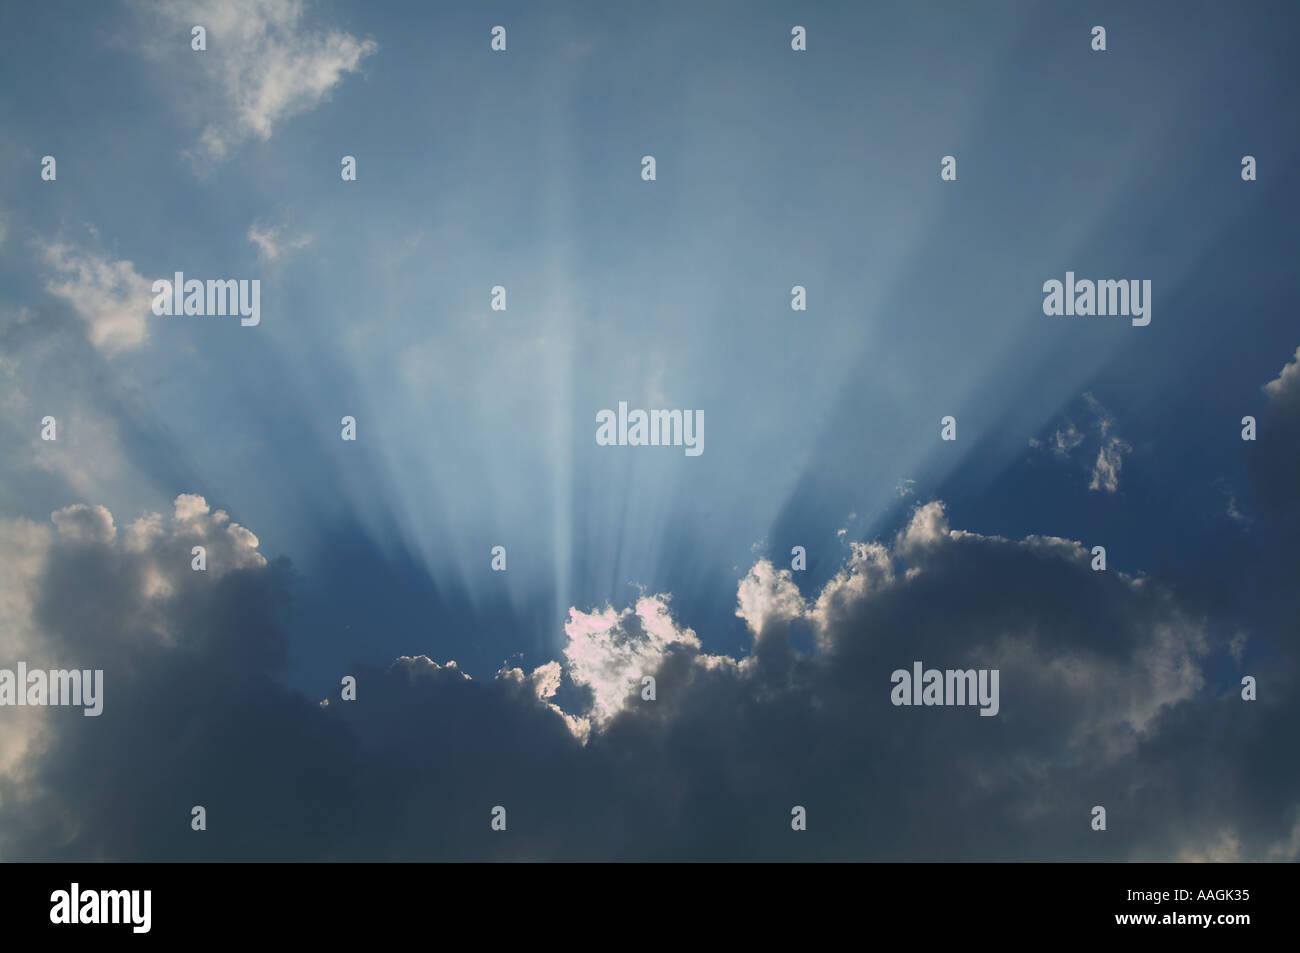 La Credenza Religiosa : Dio cielo religione angel credenza raggi di luce la morte vita